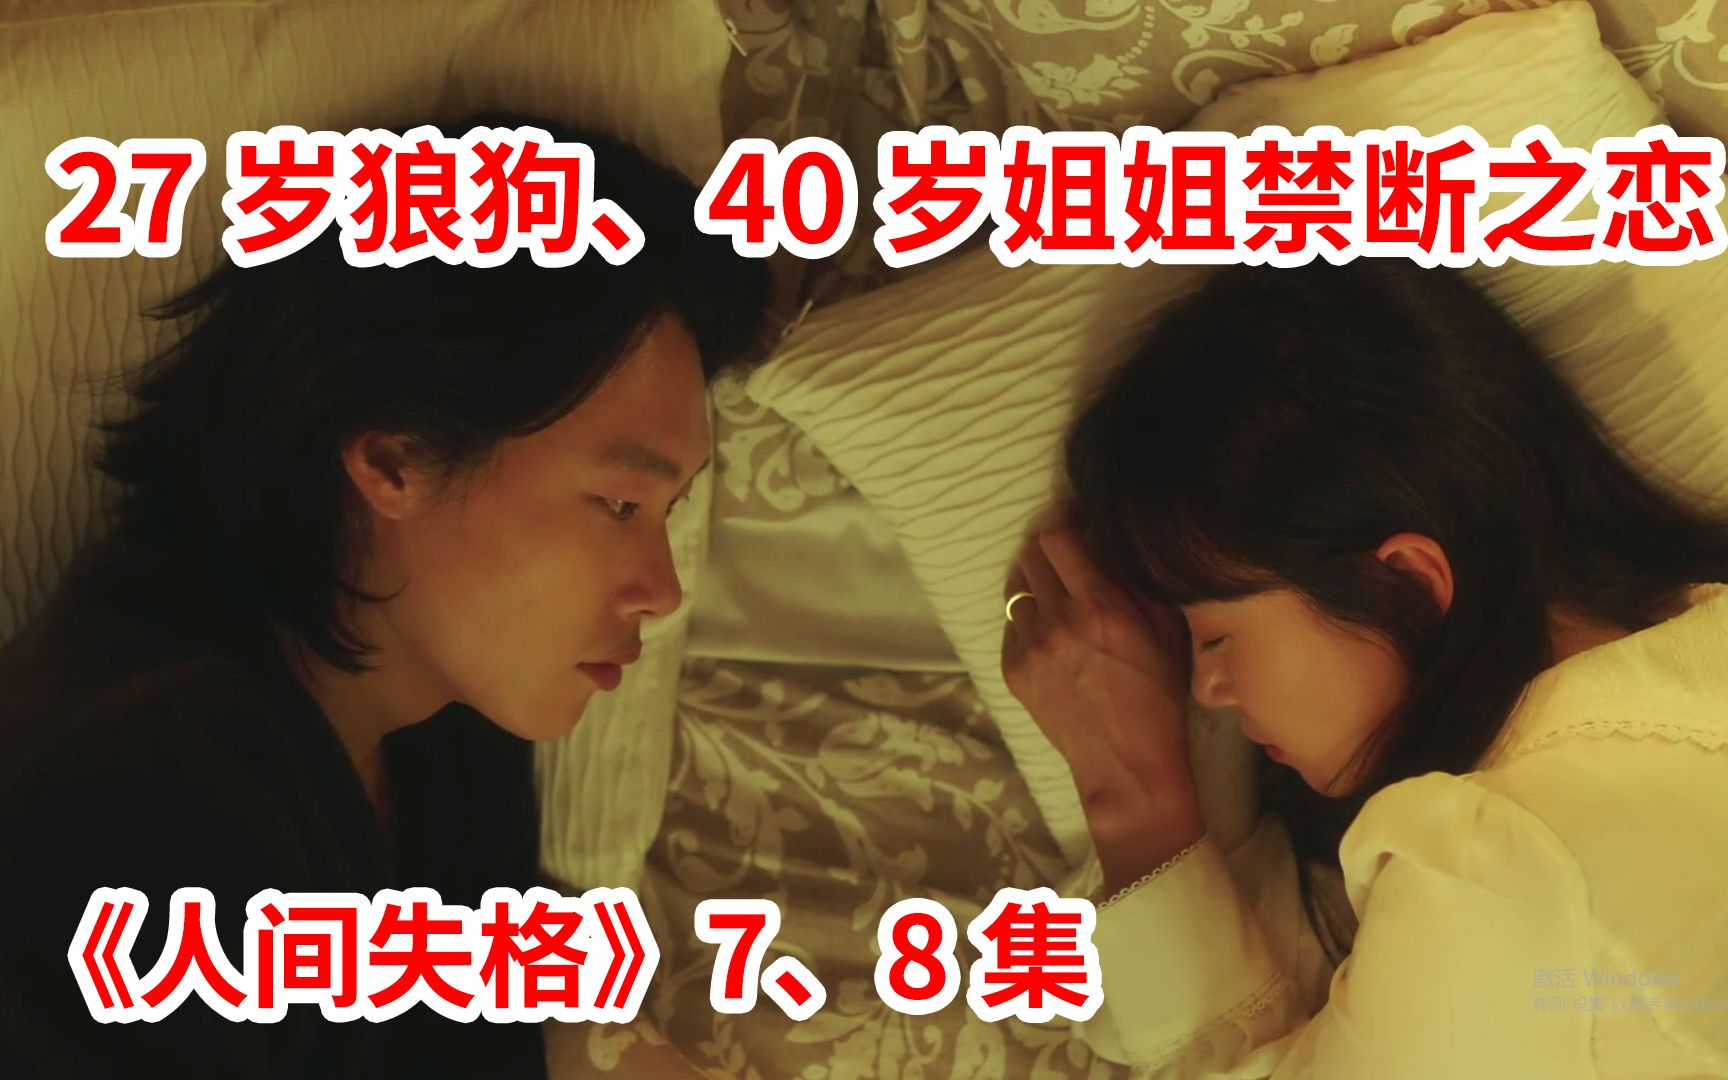 【脑弟】40岁大姐姐、27岁小狼狗,挑战禁忌之恋!韩剧《人间失格》第7、8集